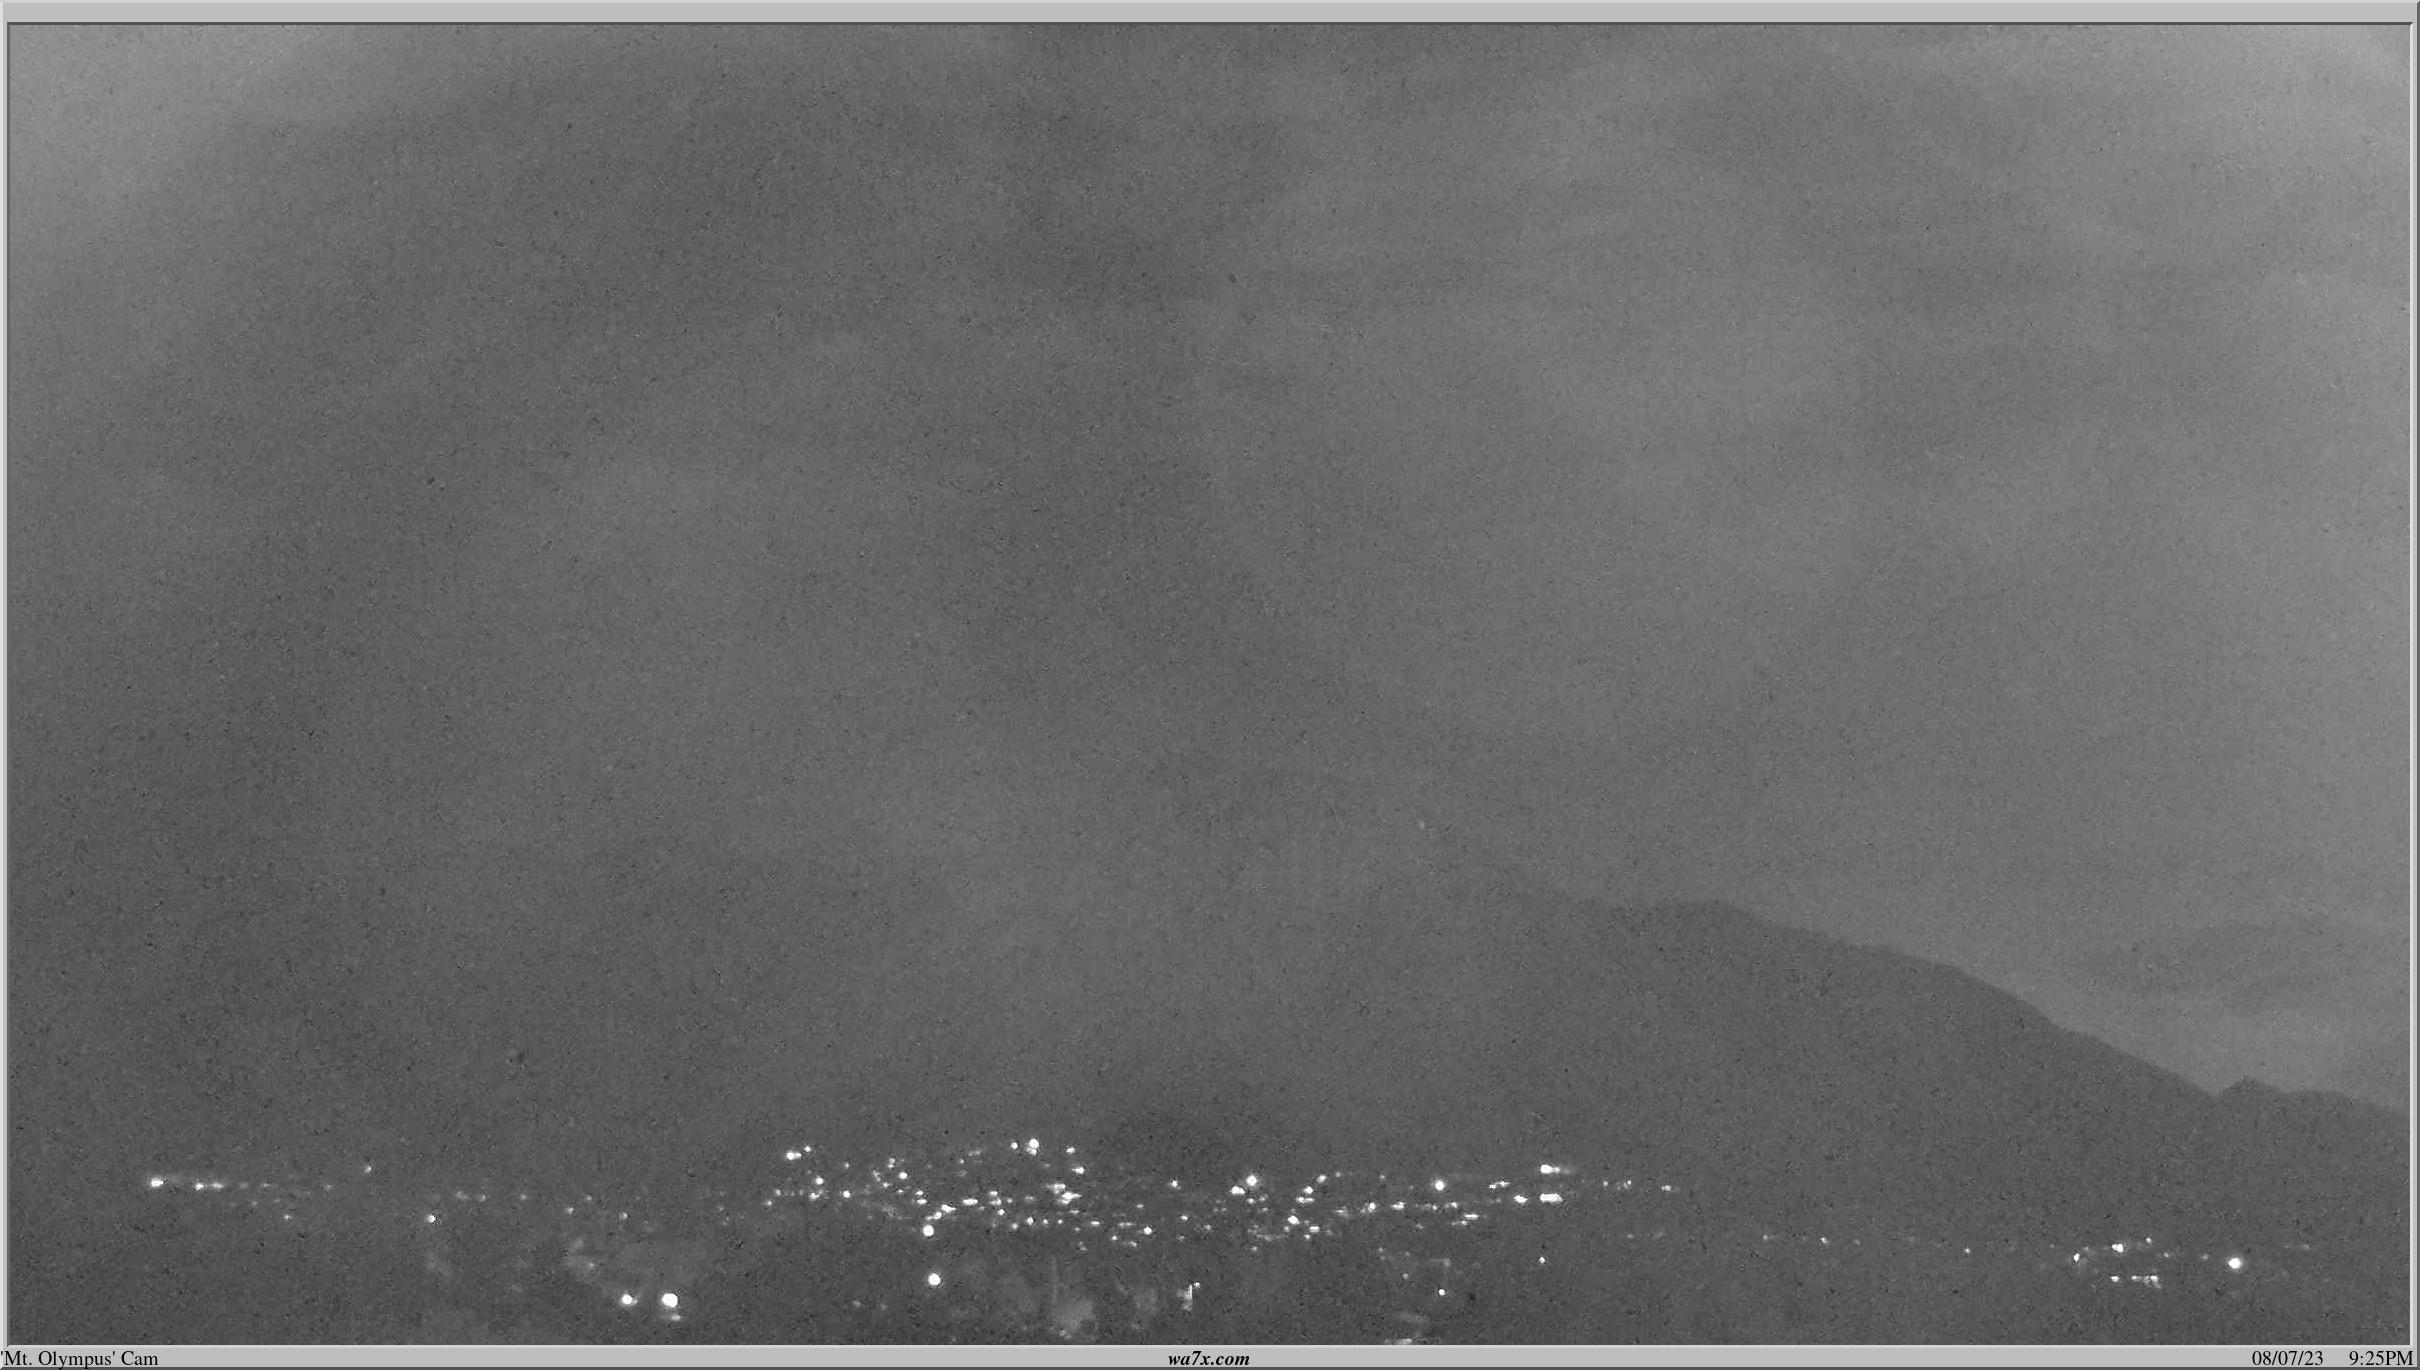 Mt. Olympus as viewed from Millcreek City, UT